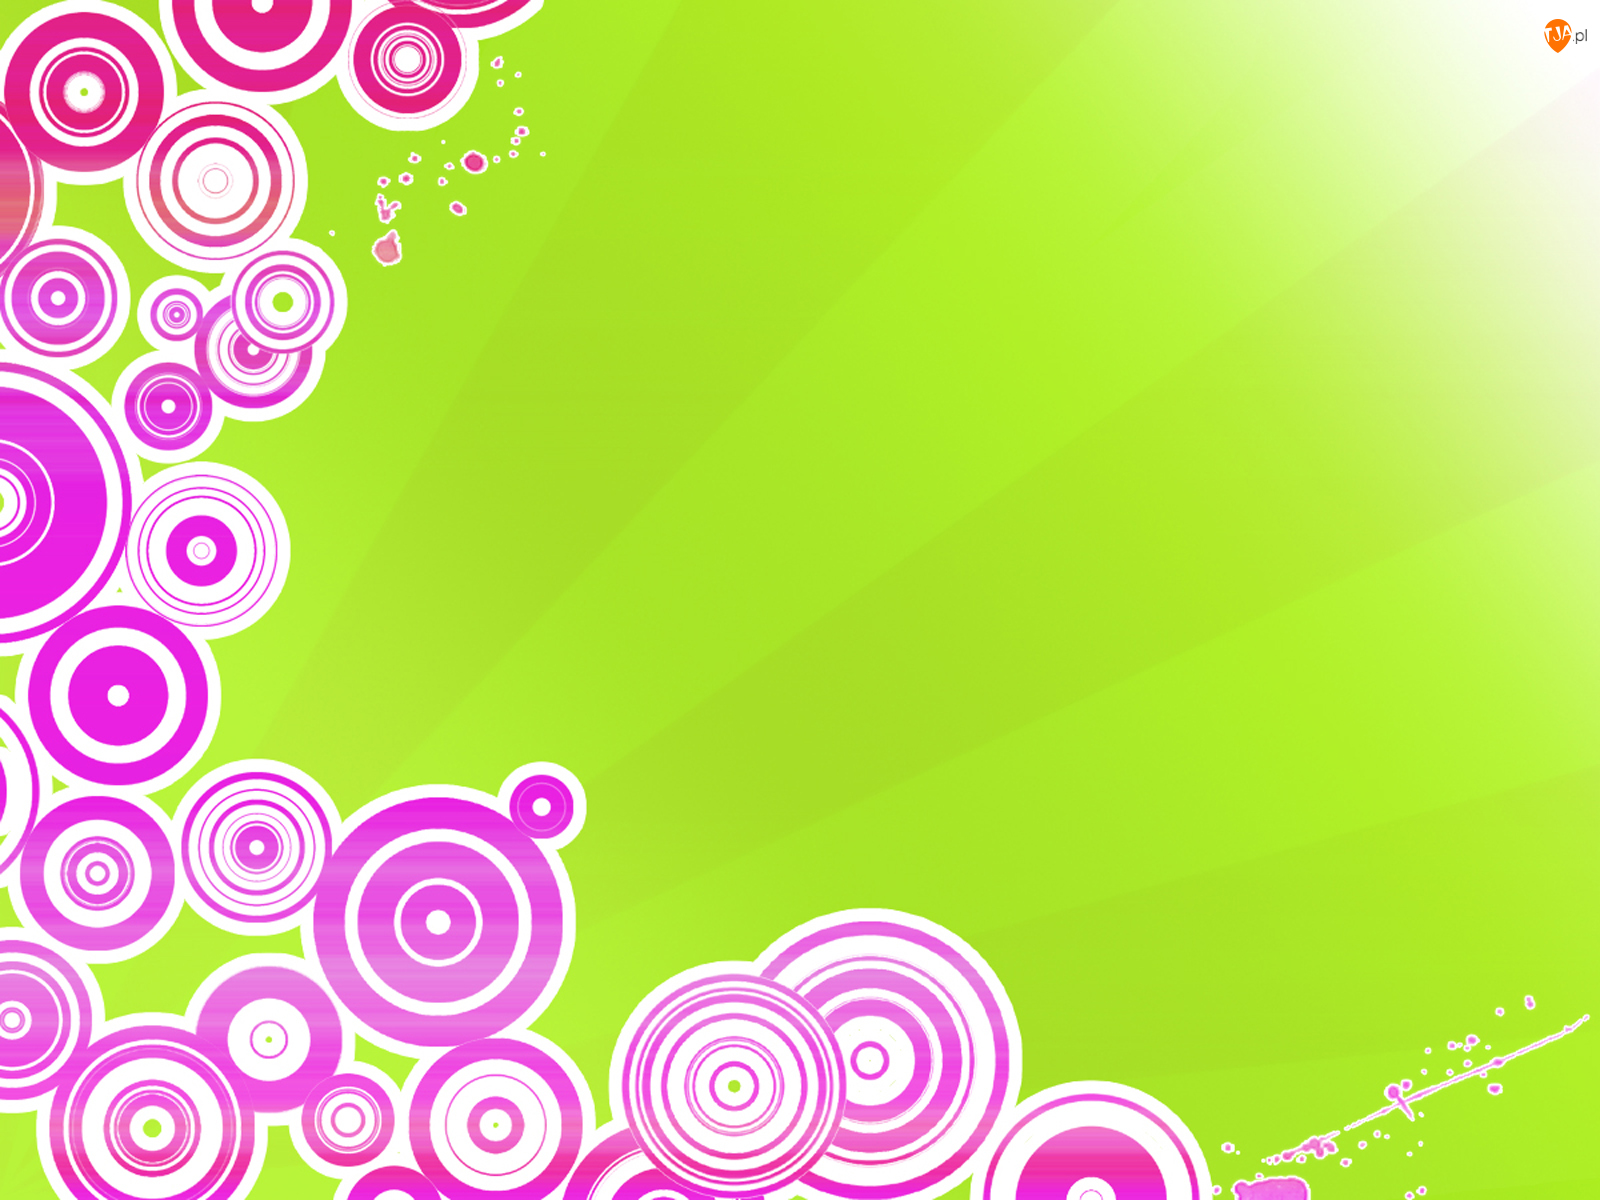 Zielone, Kółka, Tło, Fioletowe